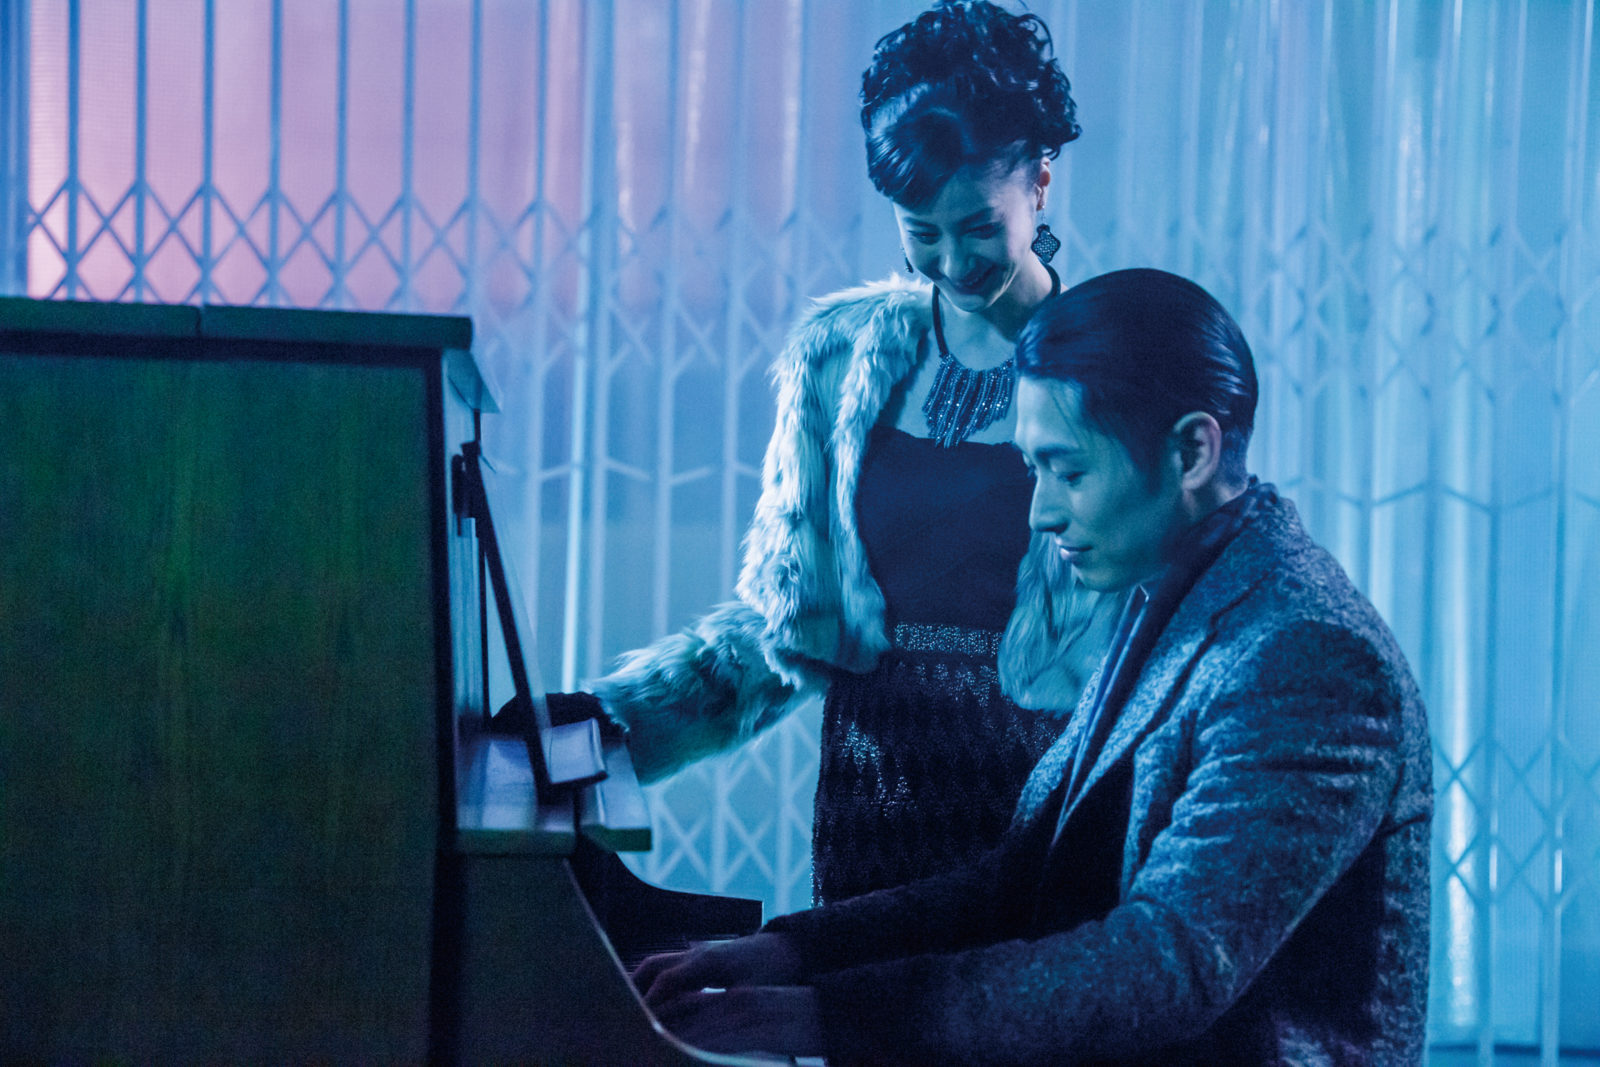 ディーン・フジオカ、結婚詐欺師を演じる映画『結婚』のピアノ演奏シーンを公開サムネイル画像